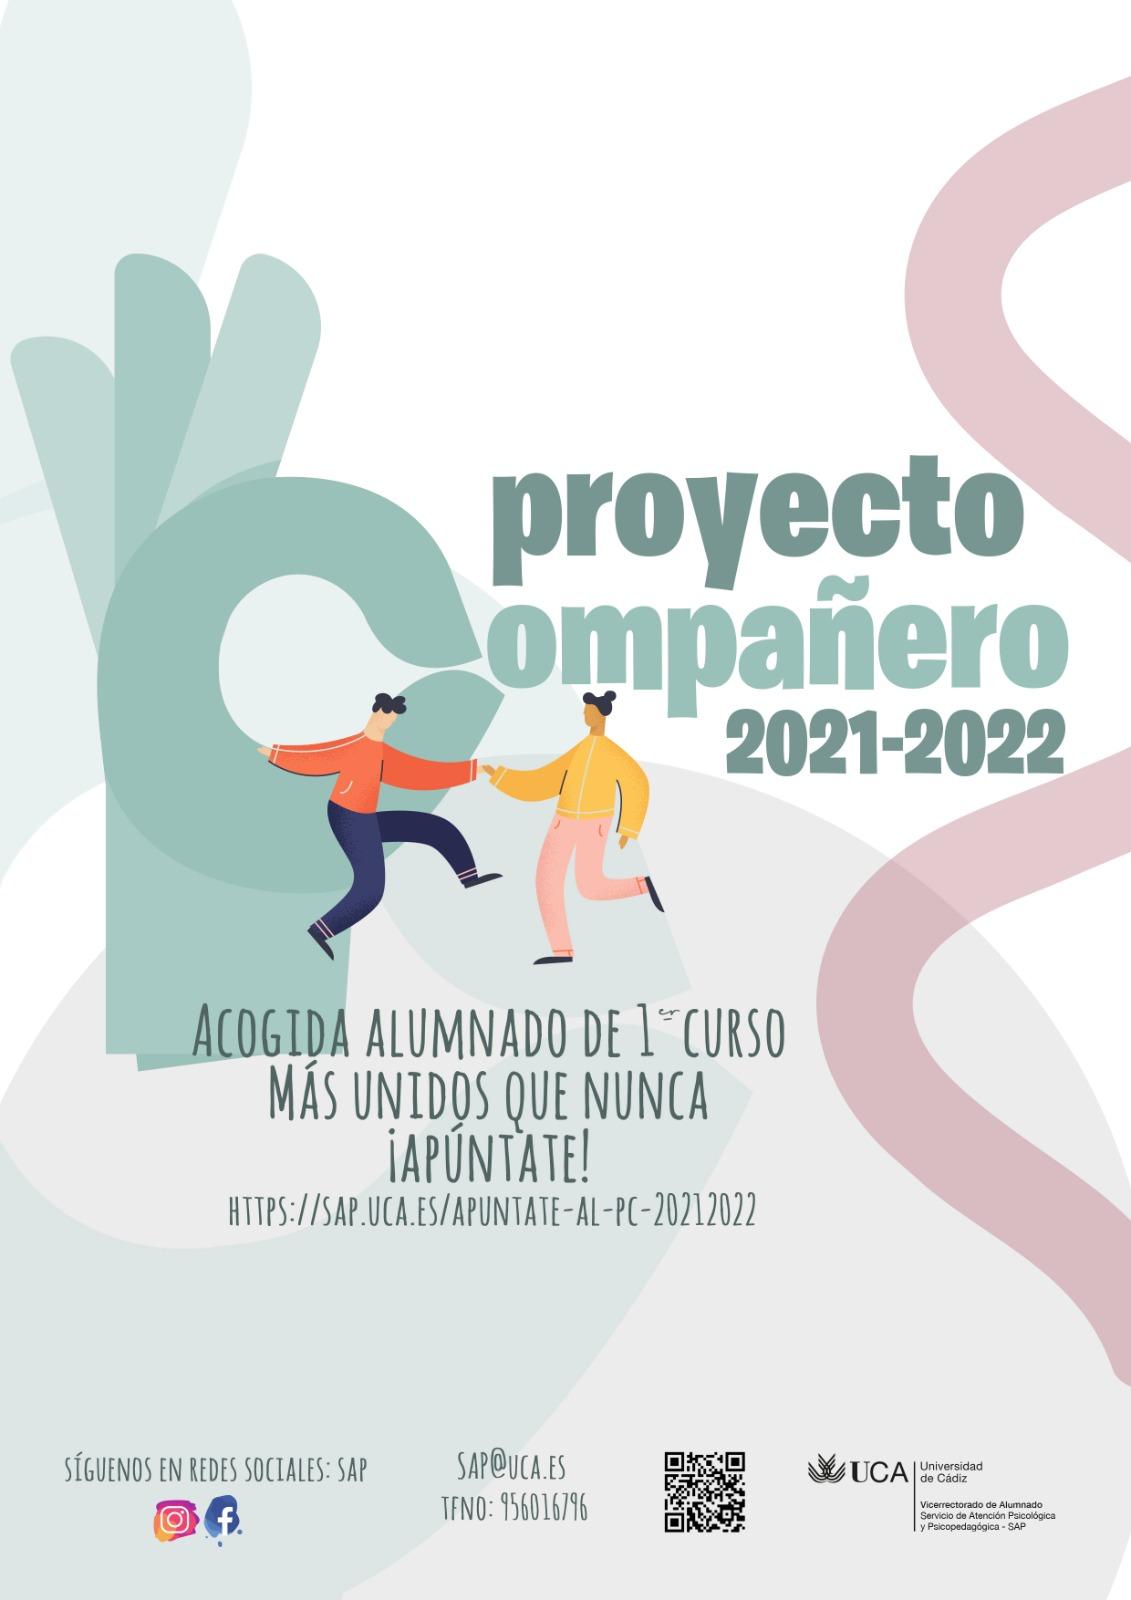 ¡Apúntate al Proyecto Compañero 2021/22!